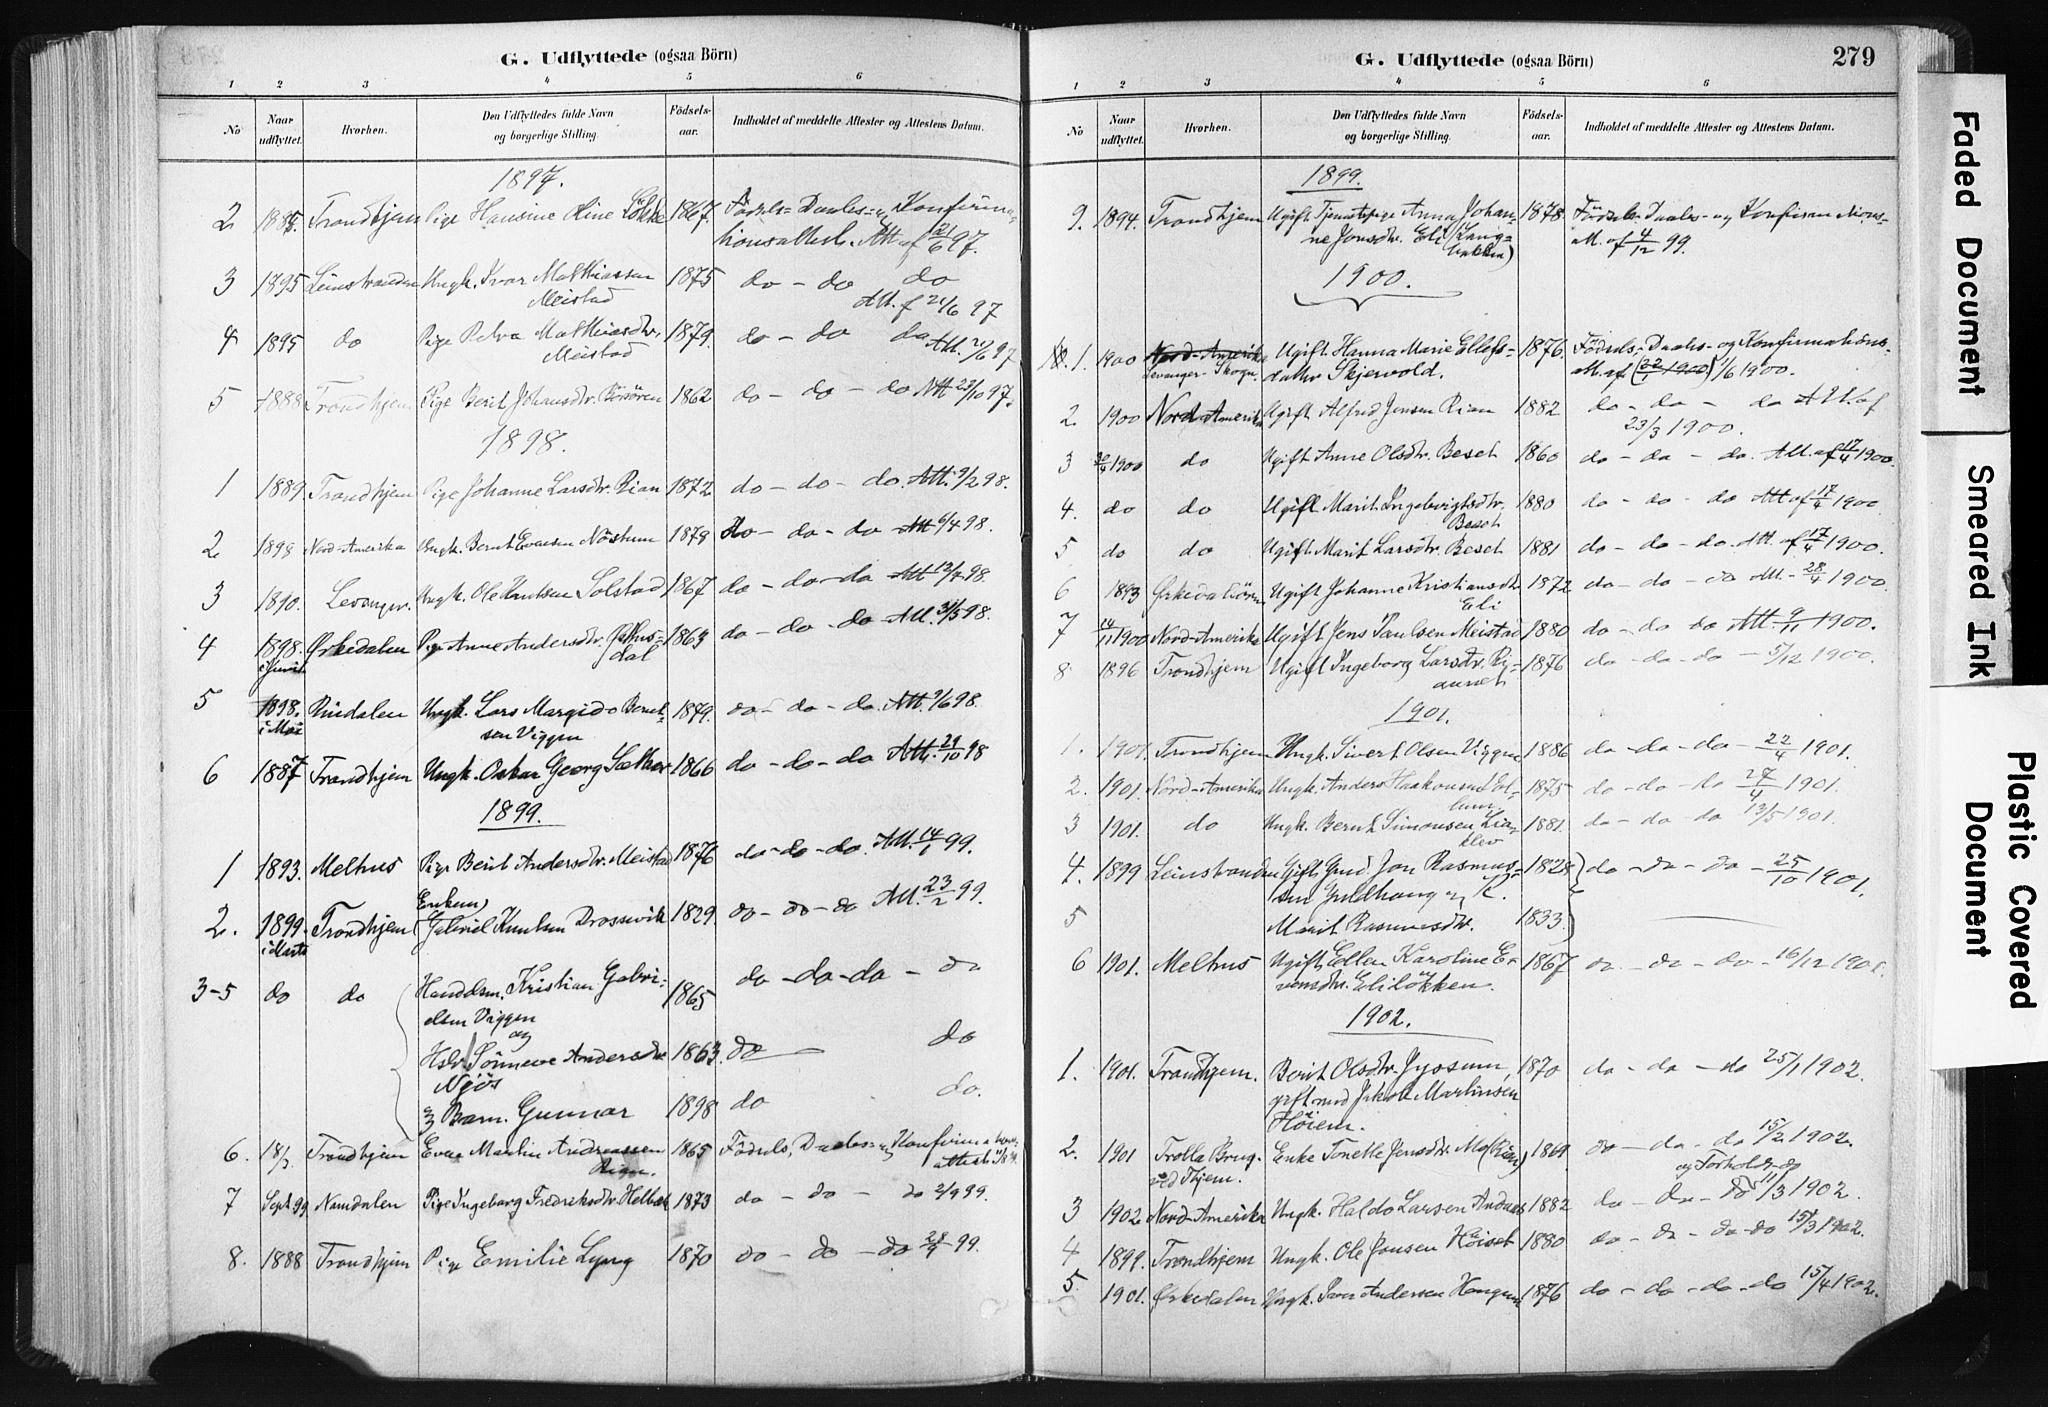 SAT, Ministerialprotokoller, klokkerbøker og fødselsregistre - Sør-Trøndelag, 665/L0773: Ministerialbok nr. 665A08, 1879-1905, s. 279